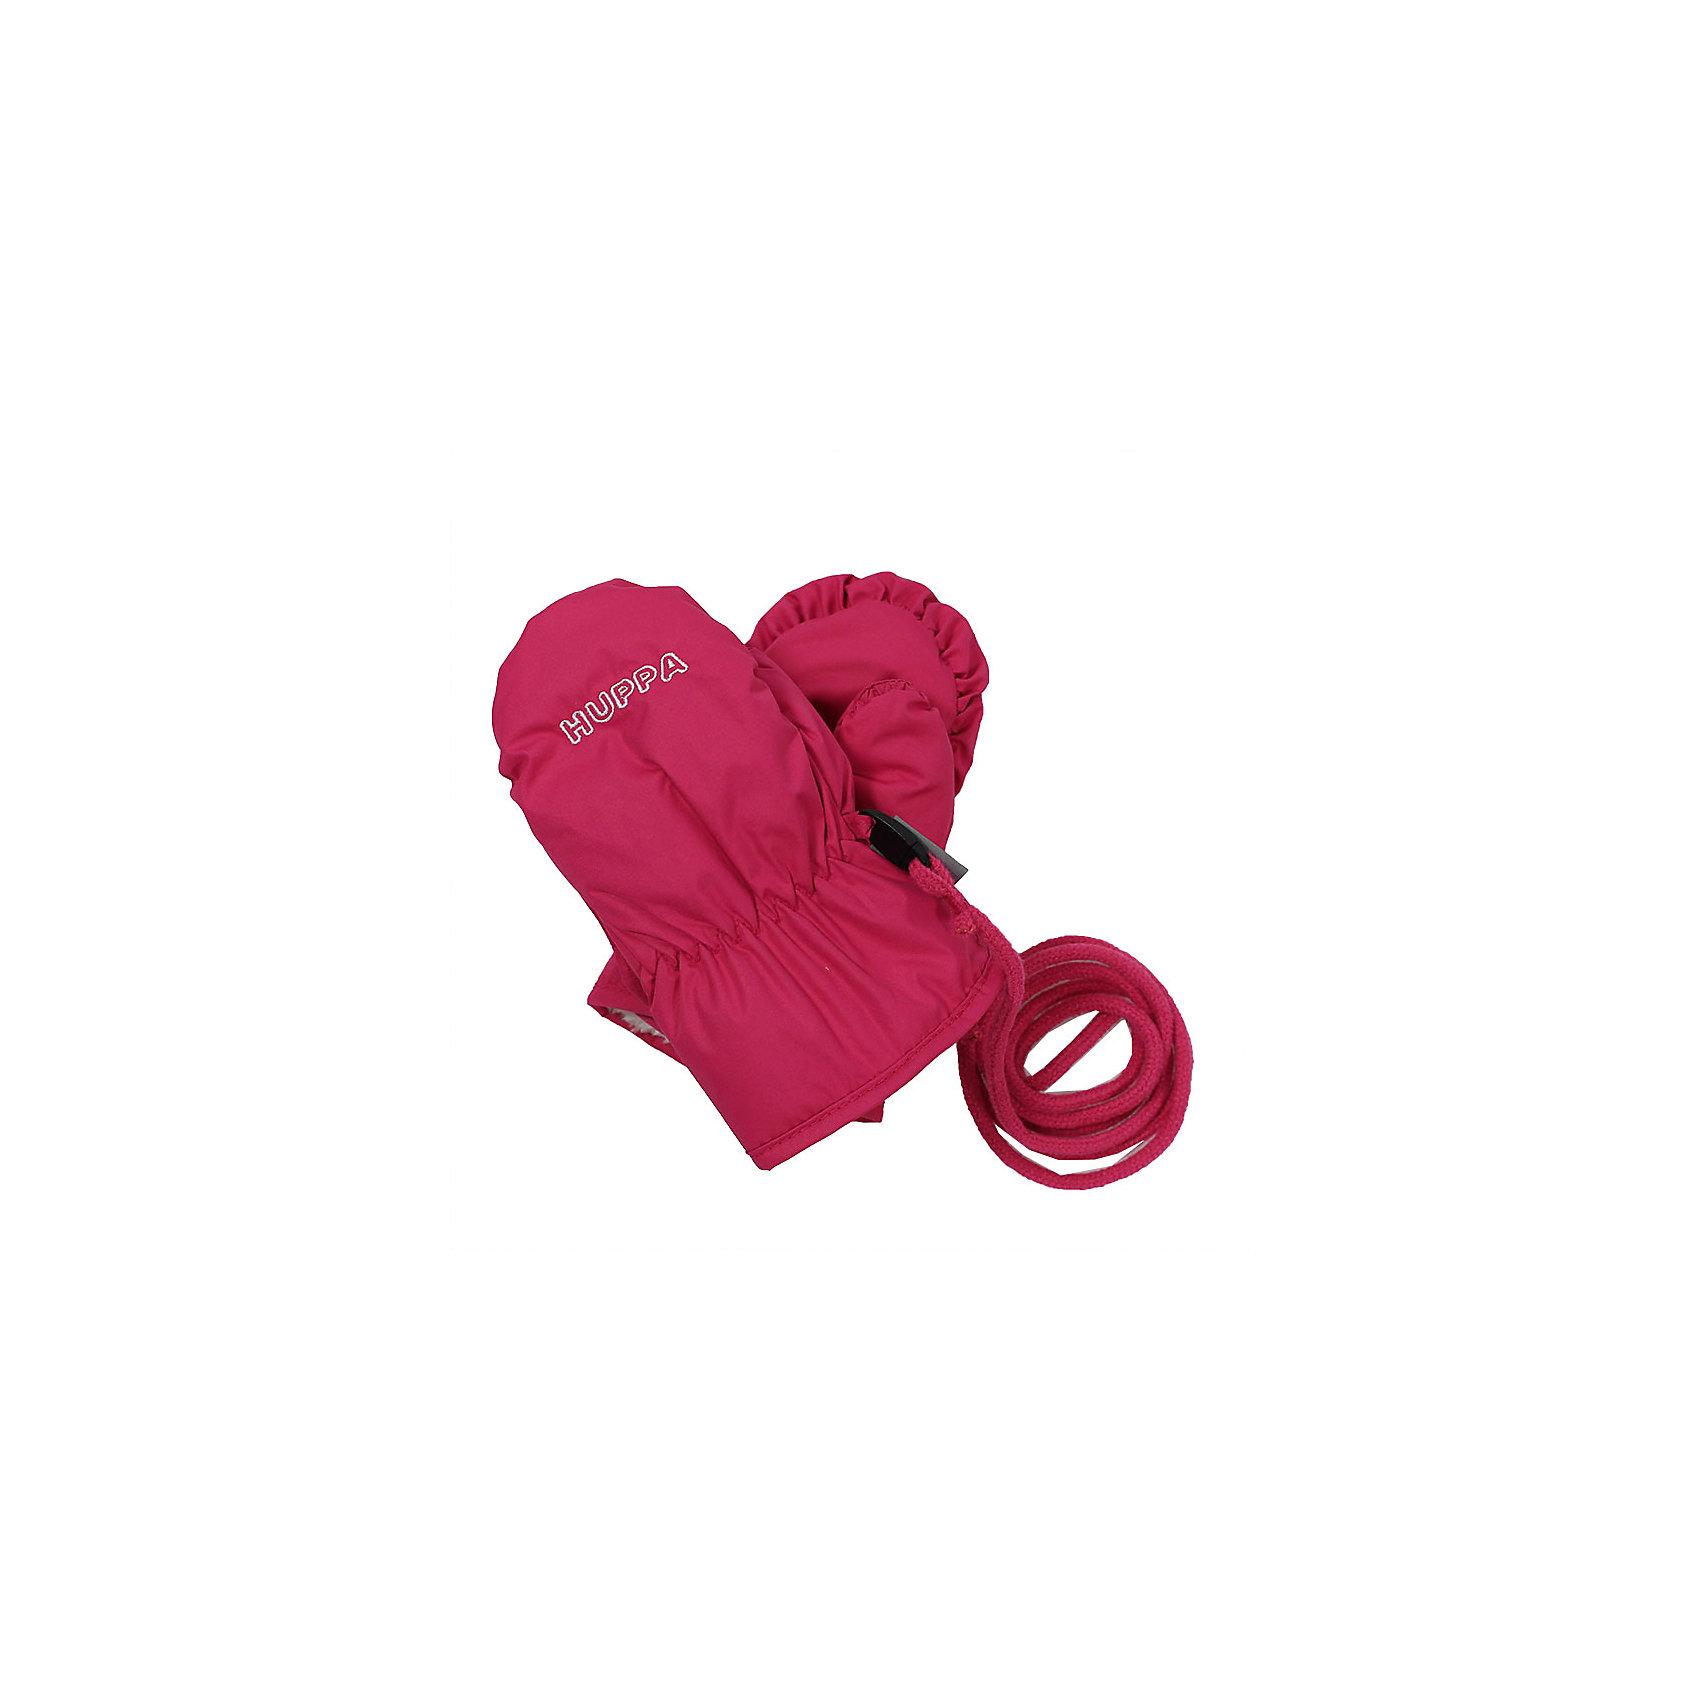 Варежки NUNNU для девочки HuppaПерчатки, варежки<br>Характеристики товара:<br><br>• цвет: фуксия<br>• ткань: 100% полиэстер<br>• подкладка: 100% полиэстер<br>• температурный режим: от 0°С до +10°С<br>• водонепроницаемость: 5000 мм<br>• воздухопроницаемость: 5000 мм<br>• не промокаемые <br>• не продуваемые<br>• логотип<br>• шнурок<br>• прочная ткань<br>• комфортная посадка<br>• страна бренда: Эстония<br><br>Эти утепленные варежки обеспечат детям тепло и комфорт в межсезонье. Они сделаны из материала, отталкивающего воду, поэтому изделие идеально подходит для межсезонья. Материал изделия - с мембранной технологией: защищая от влаги и ветра, он легко выводит лишнюю влагу наружу. Варежки очень симпатично смотрятся. Модель была разработана специально для детей.<br><br>Одежда и обувь от популярного эстонского бренда Huppa - отличный вариант одеть ребенка можно и комфортно. Вещи, выпускаемые компанией, качественные, продуманные и очень удобные. Для производства изделий используются только безопасные для детей материалы. Продукция от Huppa порадует и детей, и их родителей!<br><br>Варежки NUNNU от бренда Huppa (Хуппа) можно купить в нашем интернет-магазине.<br><br>Ширина мм: 162<br>Глубина мм: 171<br>Высота мм: 55<br>Вес г: 119<br>Цвет: лиловый<br>Возраст от месяцев: 48<br>Возраст до месяцев: 60<br>Пол: Женский<br>Возраст: Детский<br>Размер: 2,0,1<br>SKU: 5347924